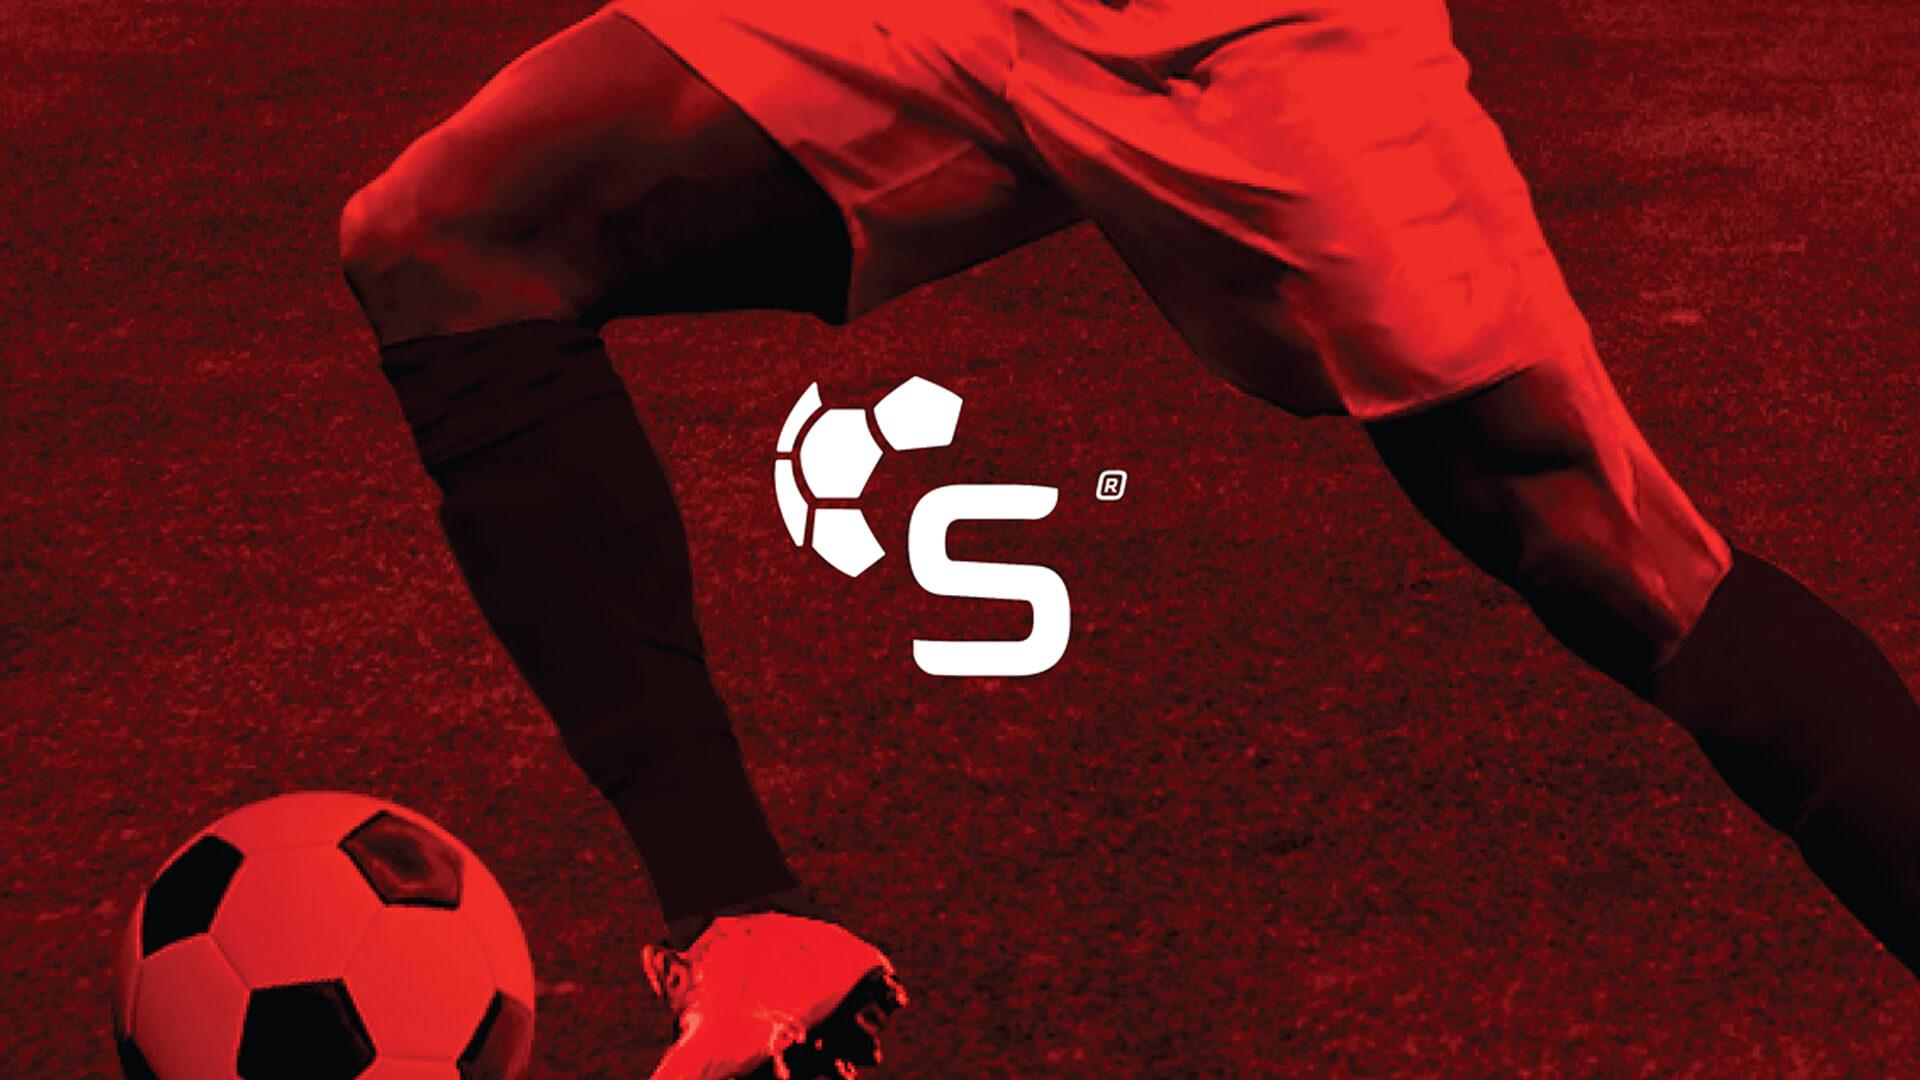 Soccerade_logo_1b